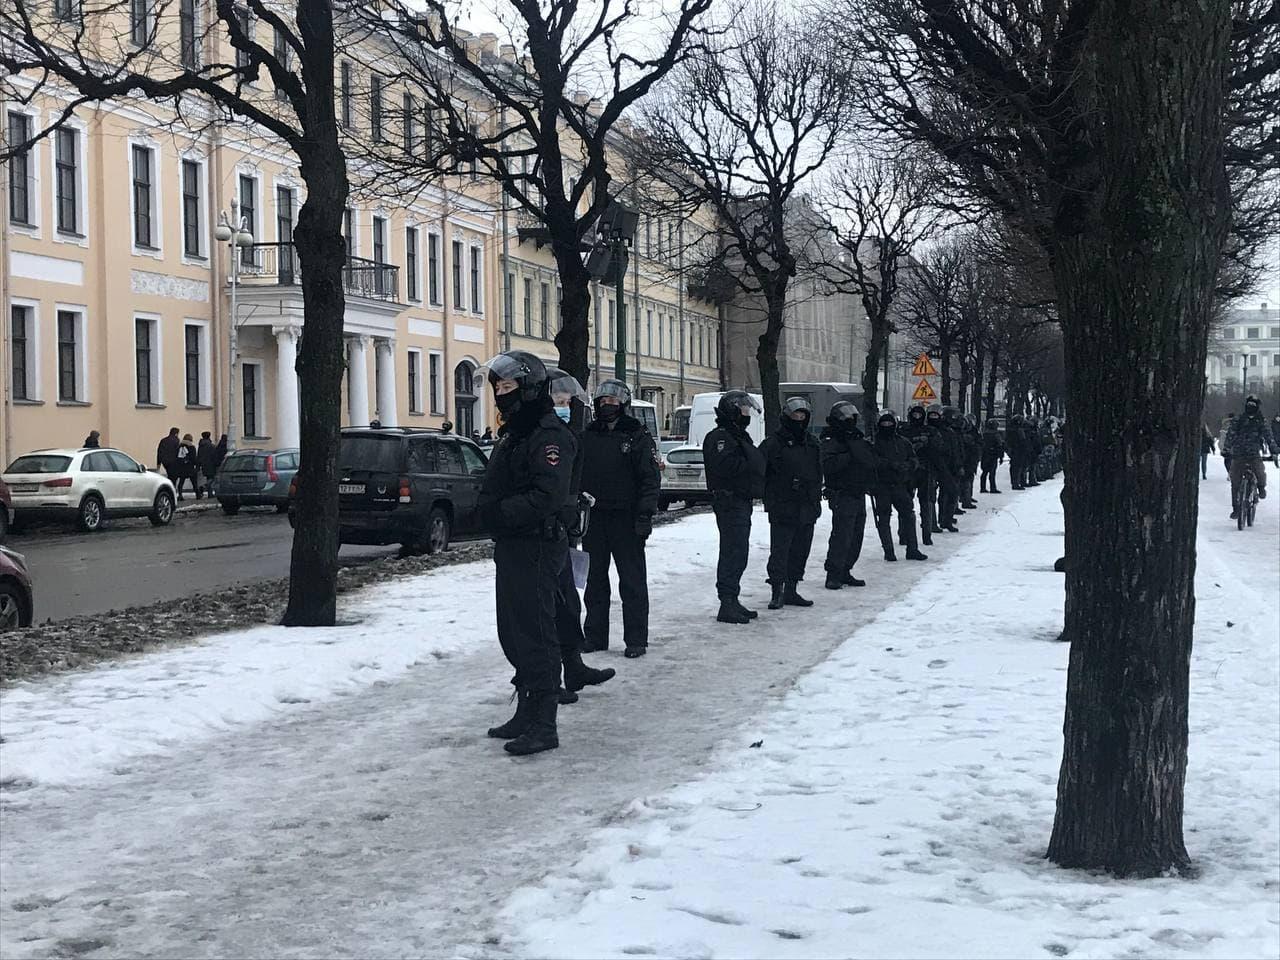 фото ЗакС политика Протестующие в Петербурге вышли на Марсово поле, их встречают ОМОН и Росгвардия